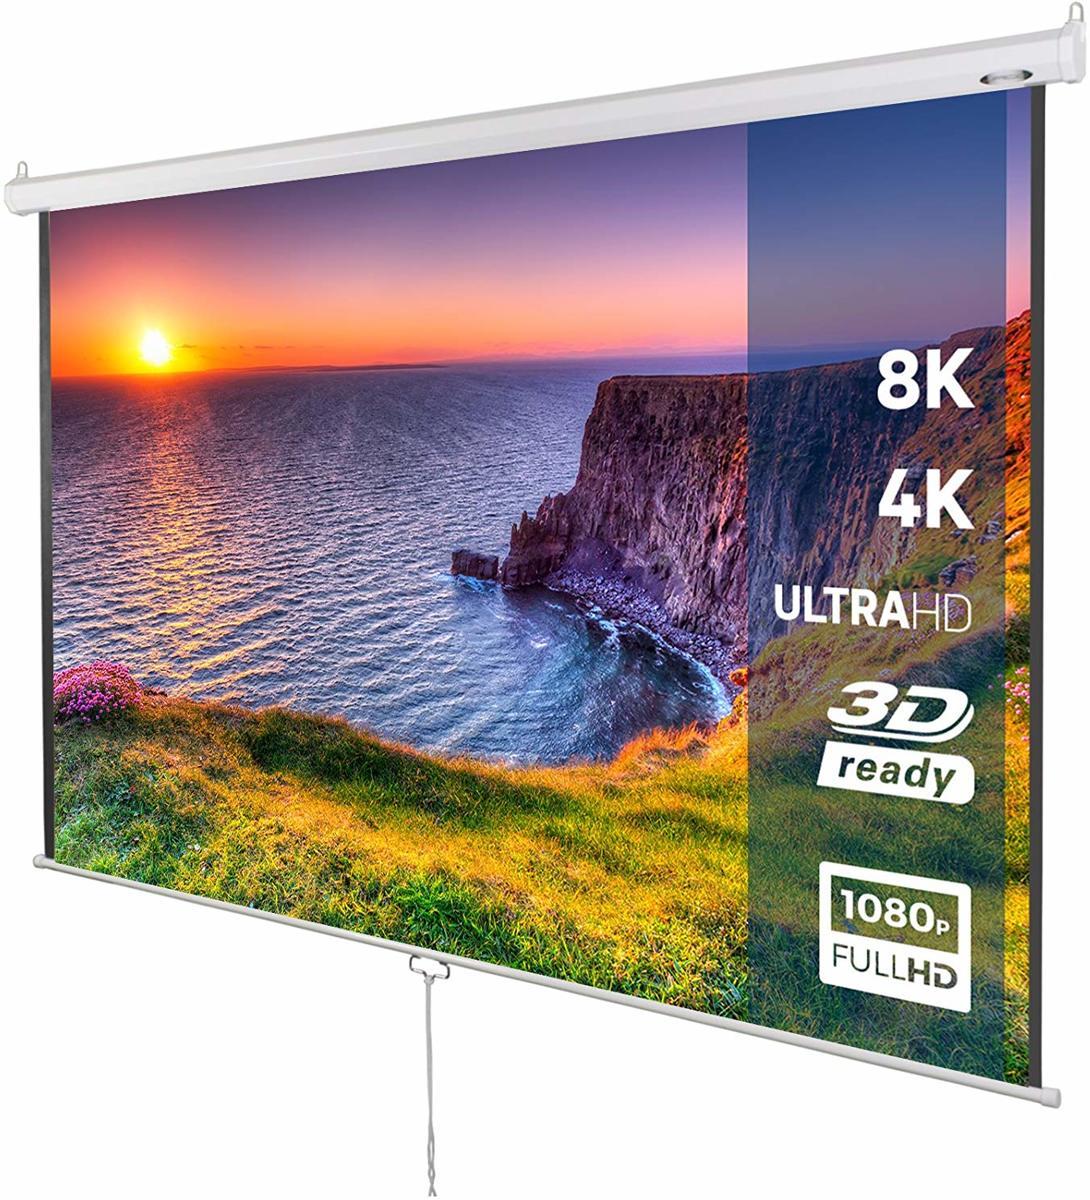 Projectie scherm - beamer - 178x178 cm - 3D HD 4K compitabel kopen